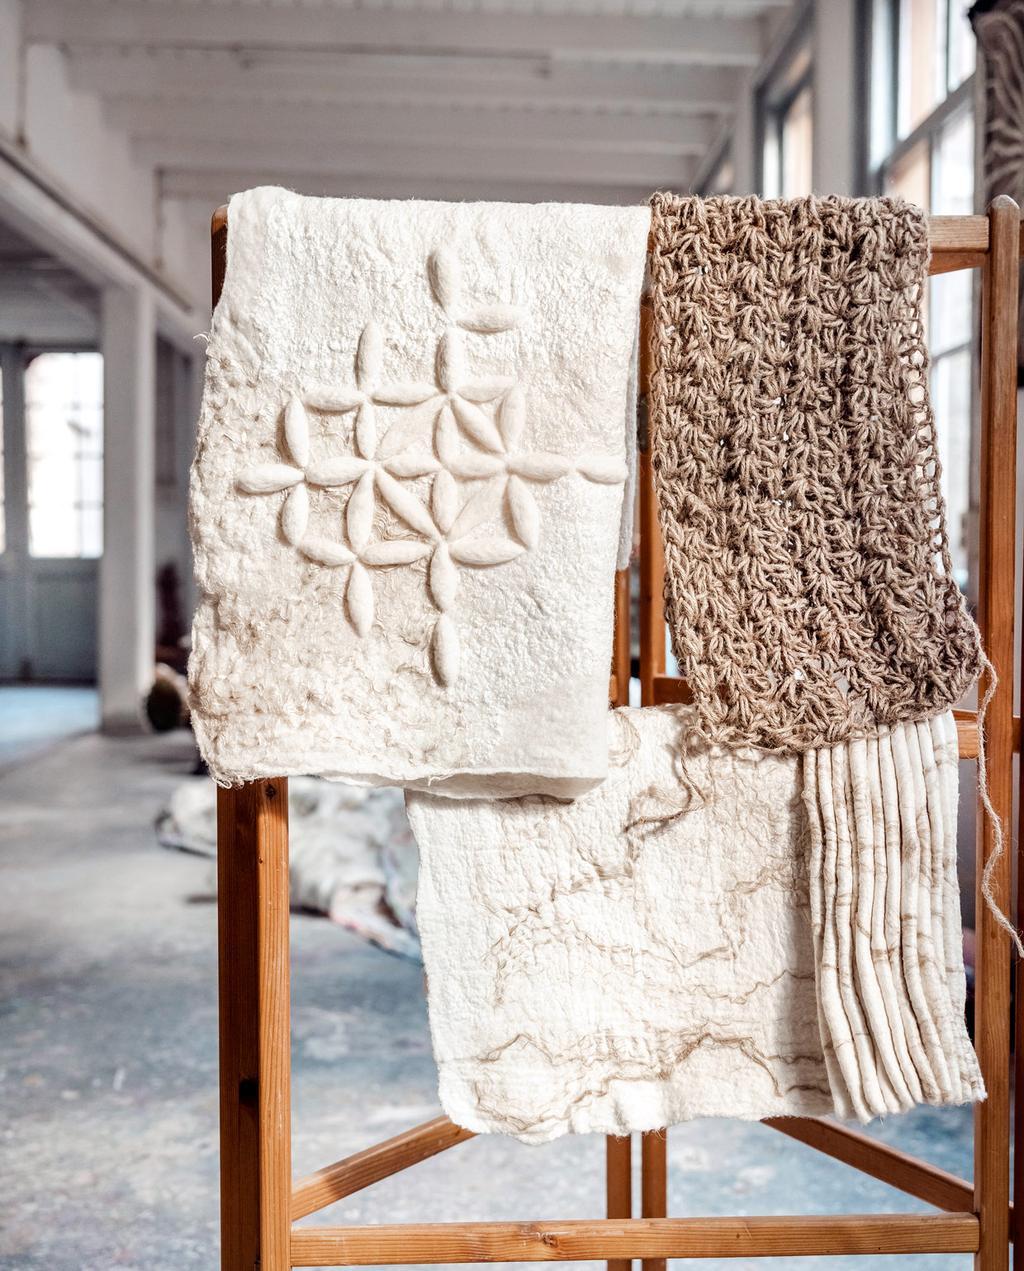 vtwonen 04-2021 | zelfgemaakte doeken en kleden